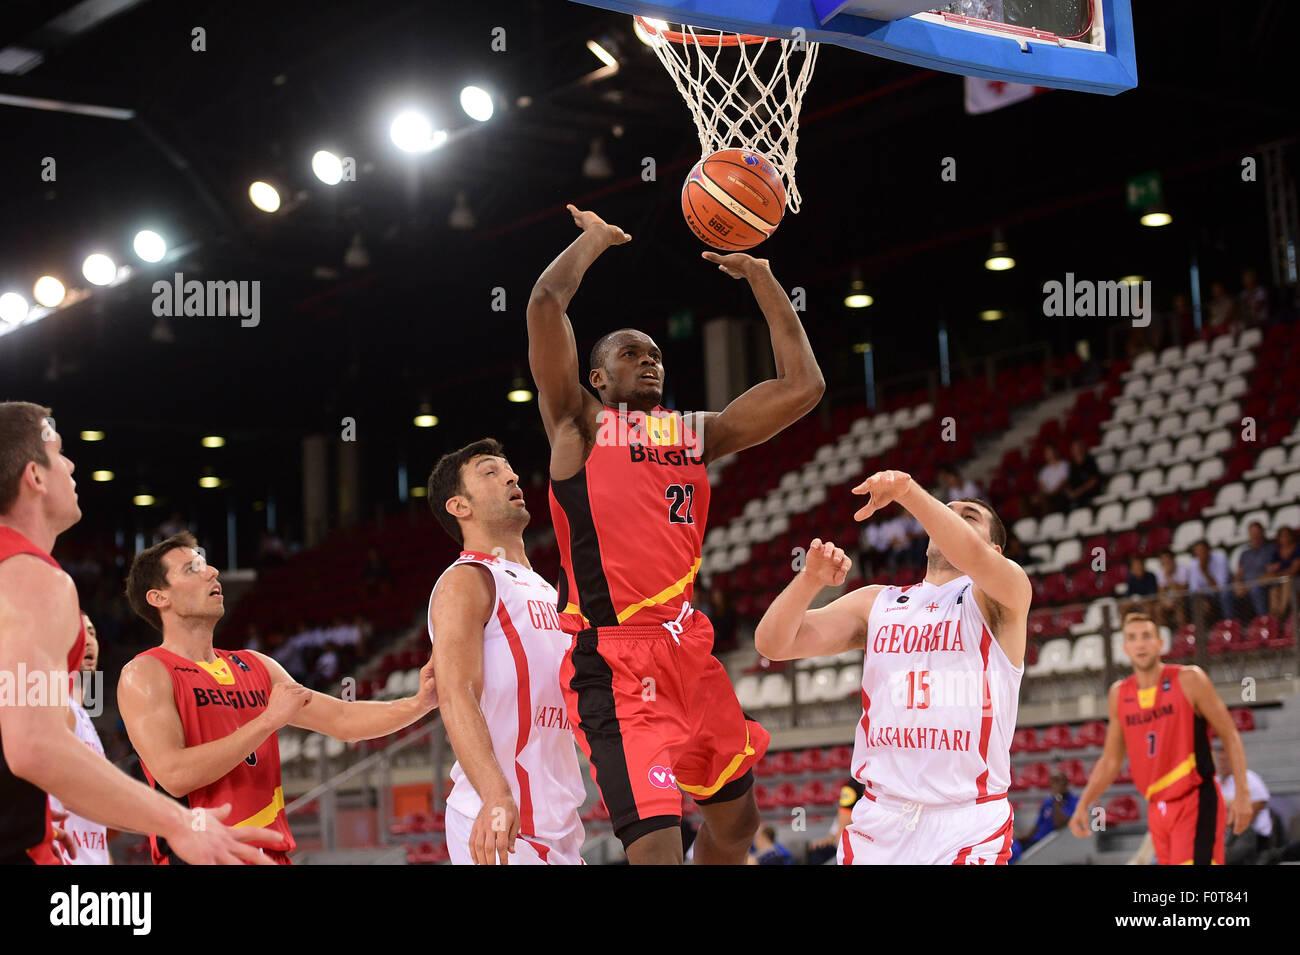 París, Francia. 20 Aug, 2015. Partido amistoso internacional del baloncesto. Bélgica contra Georgia. Kevin Imagen De Stock